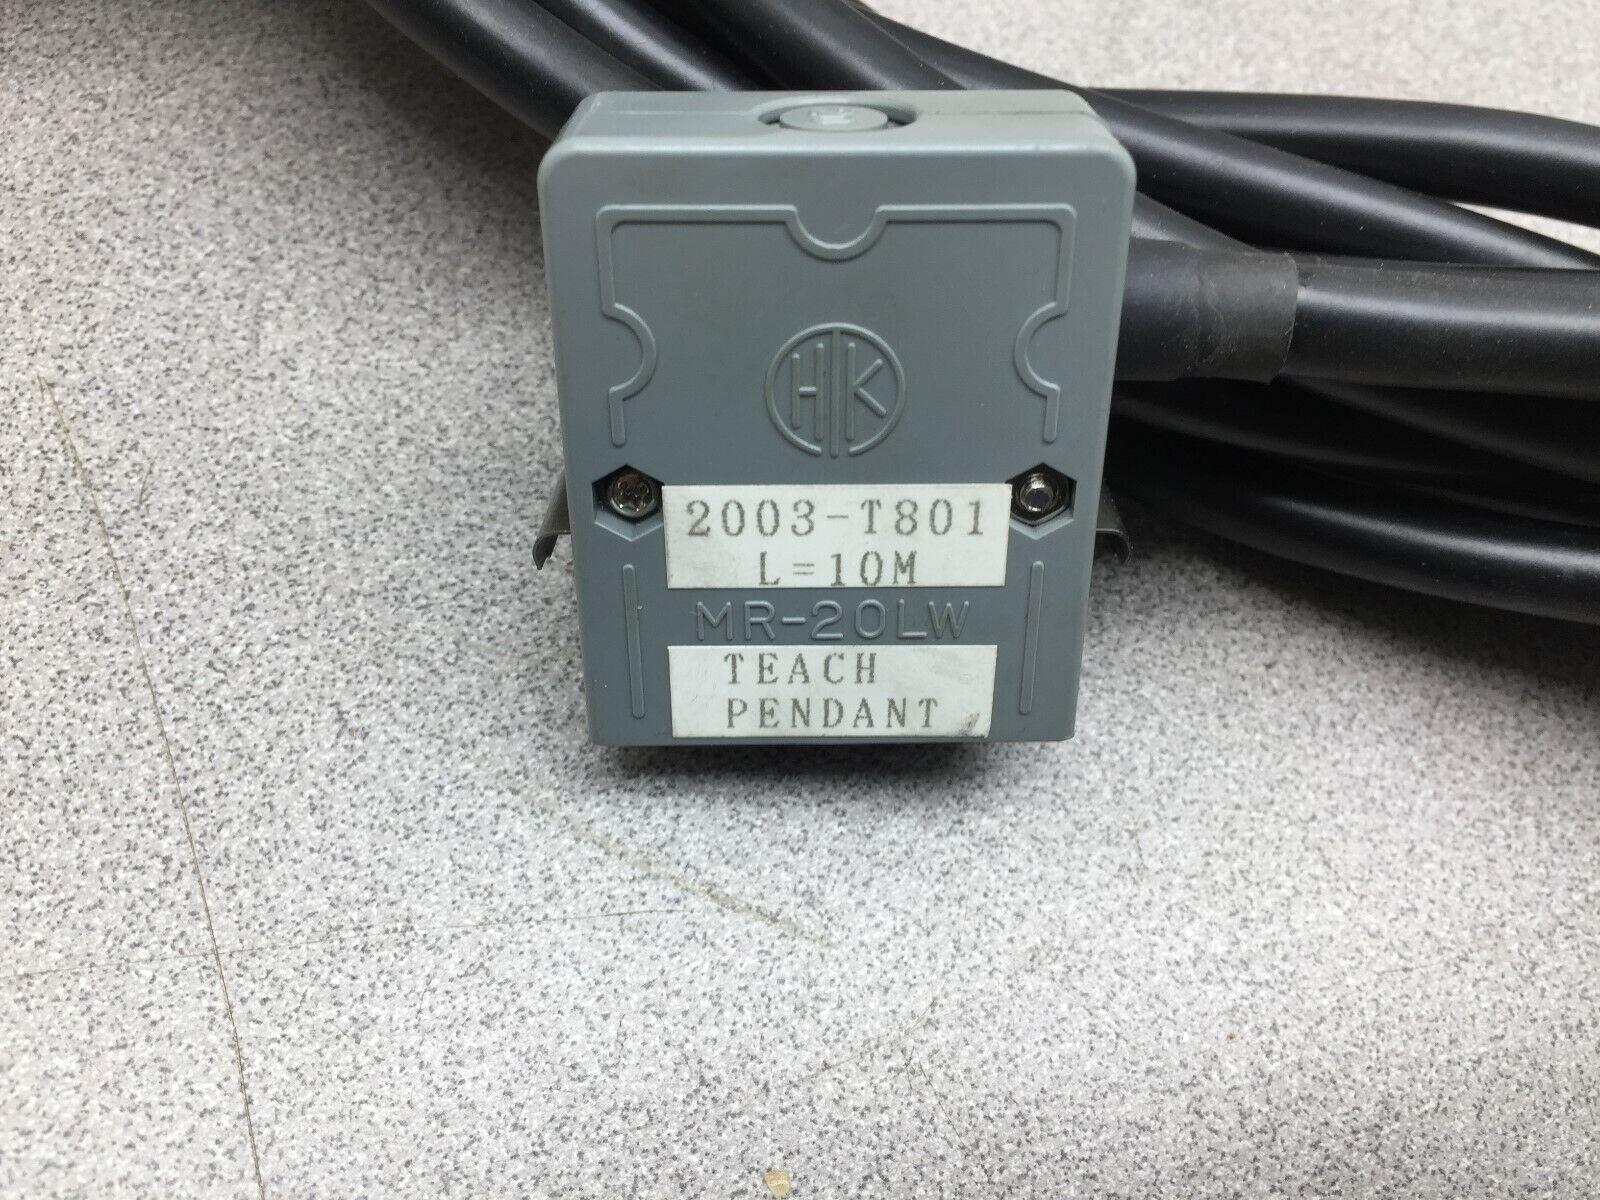 USED  FANUC 10M TEACH PENDANT I-CAB A660-2003-T801